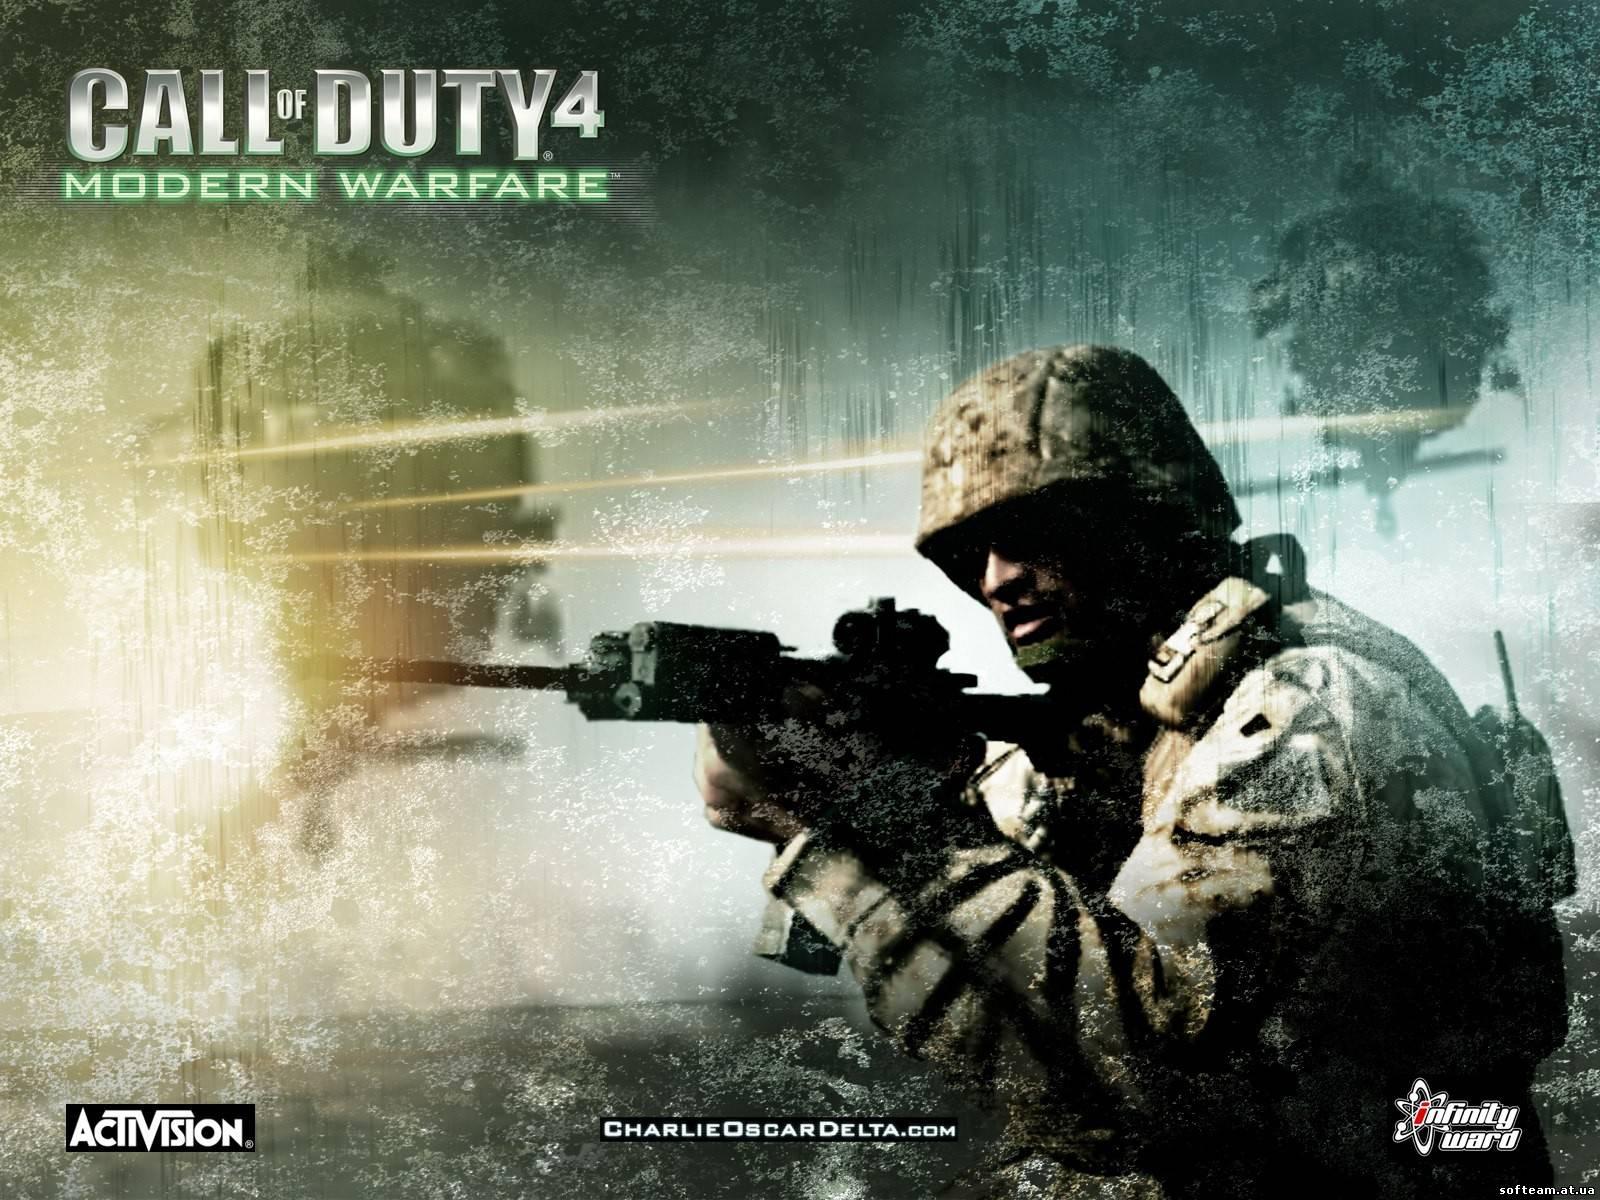 Сохранение для игры Сall of Duty 4 Modern Warfare Игра пройдена на